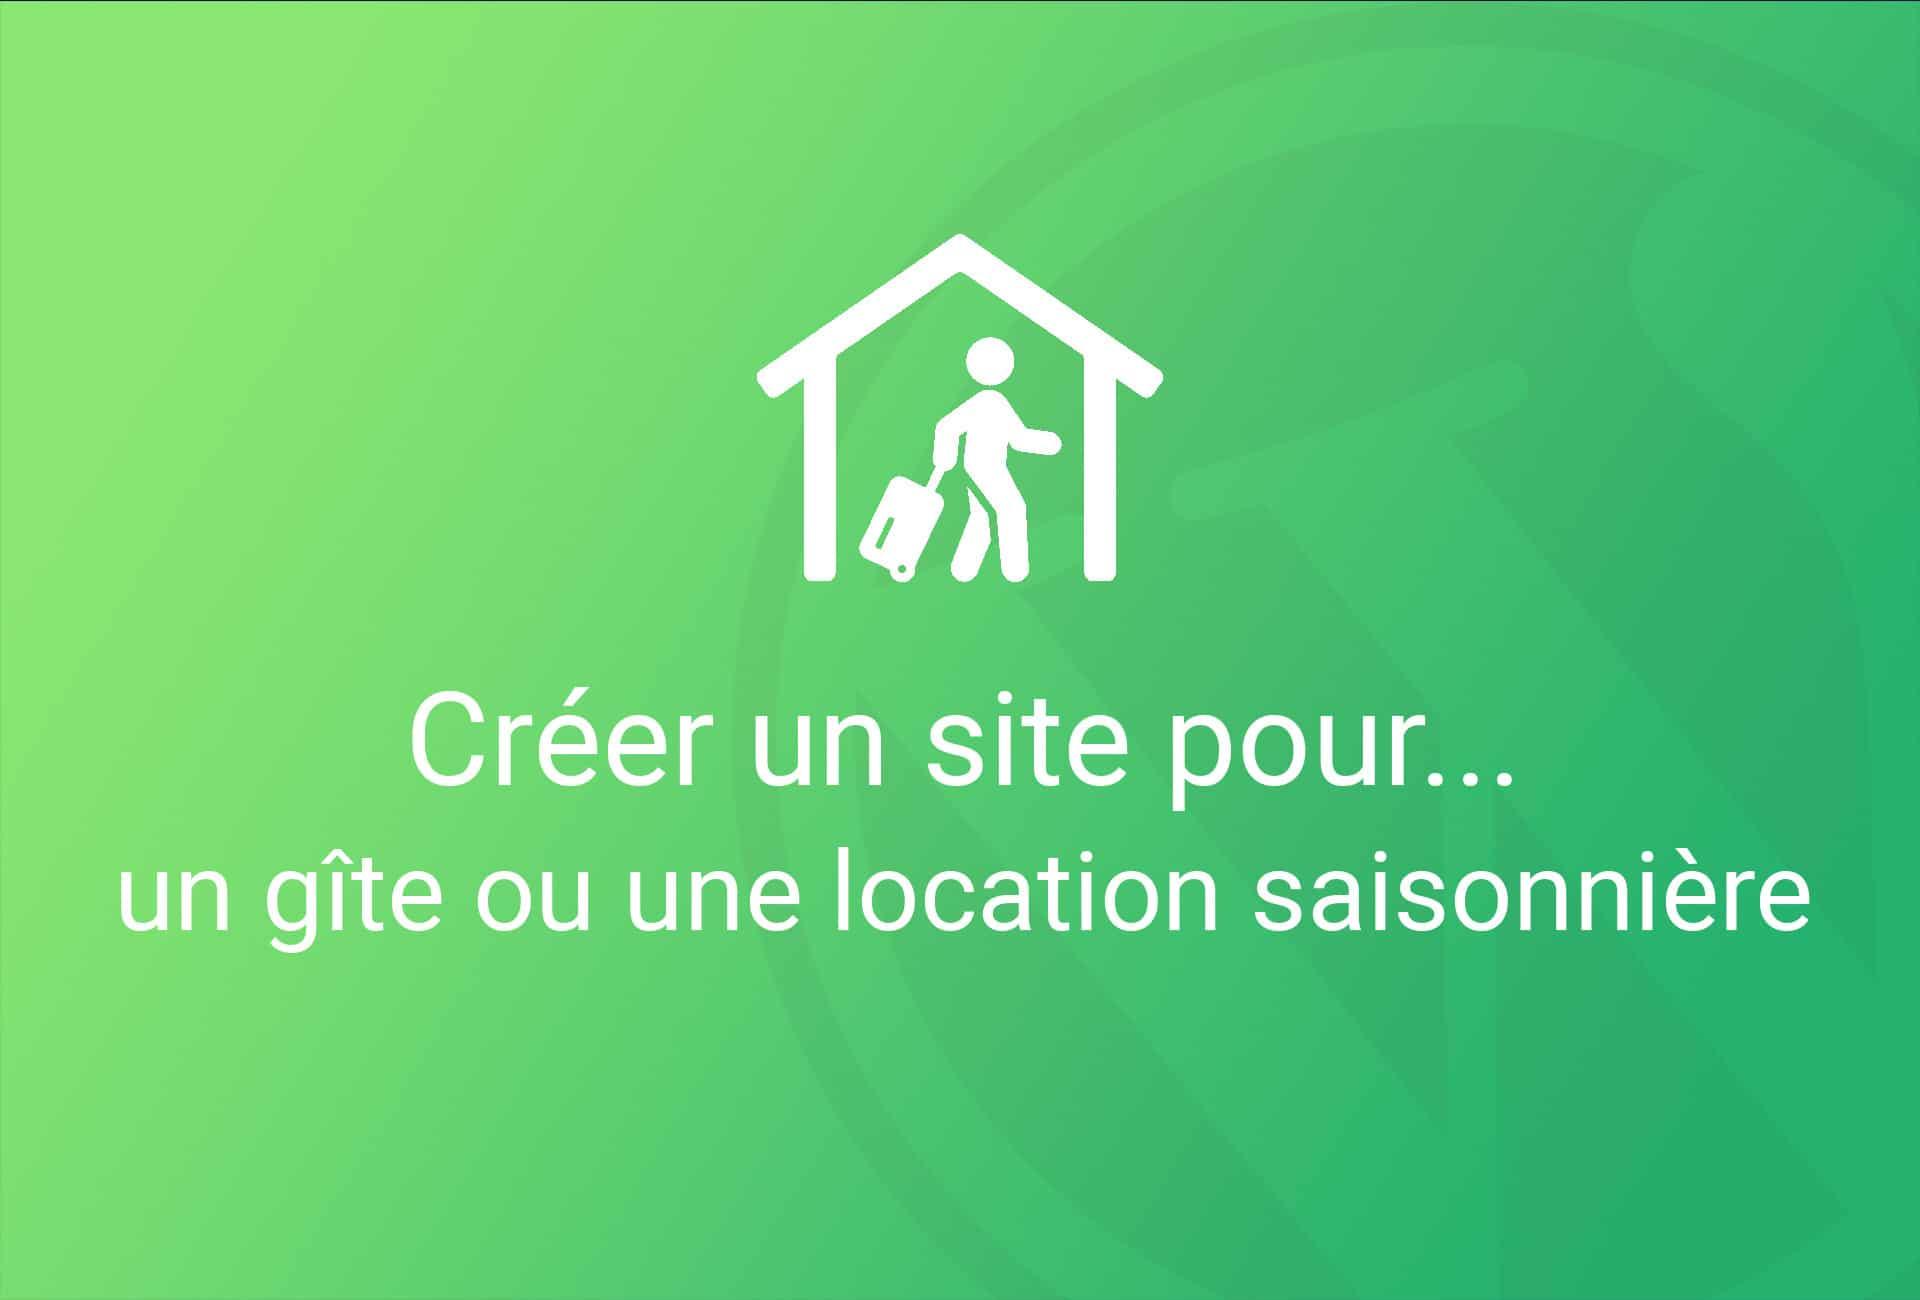 Créer un site pour un gîte ou une location saisonnière